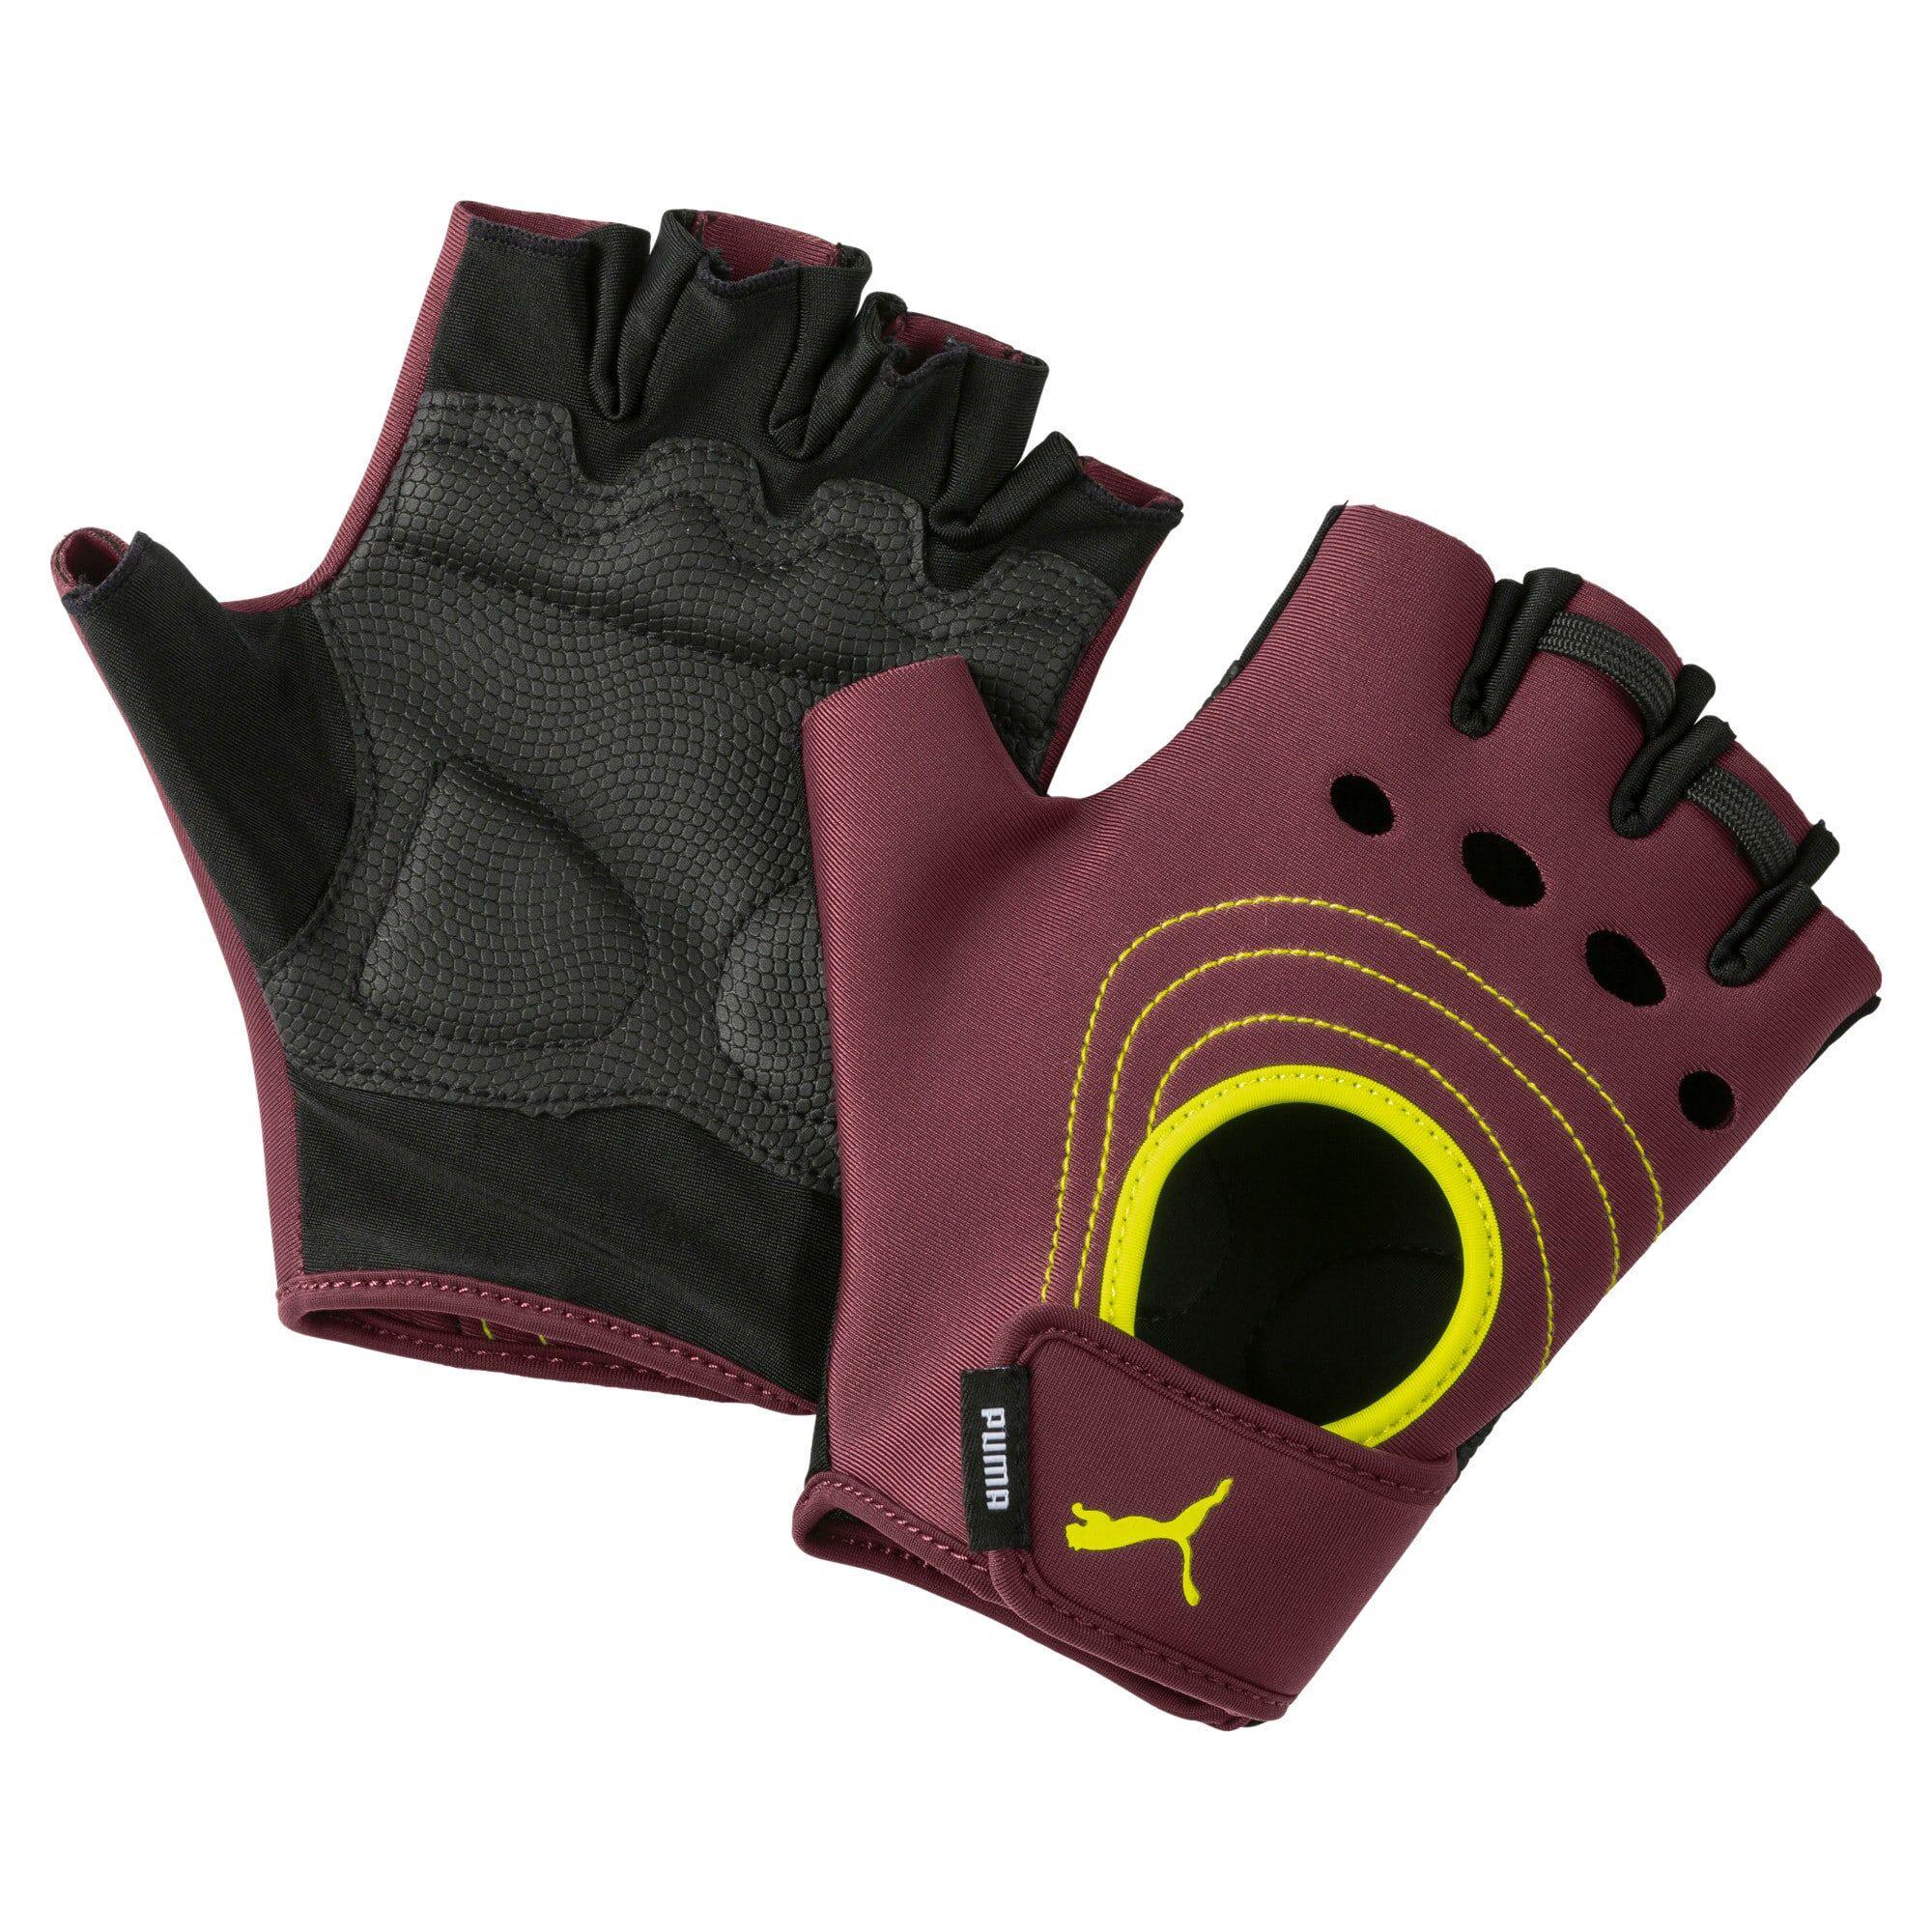 PUMA AT Women's Training Fingered Gloves, Rosso/Giallo, Taglia Piccolo